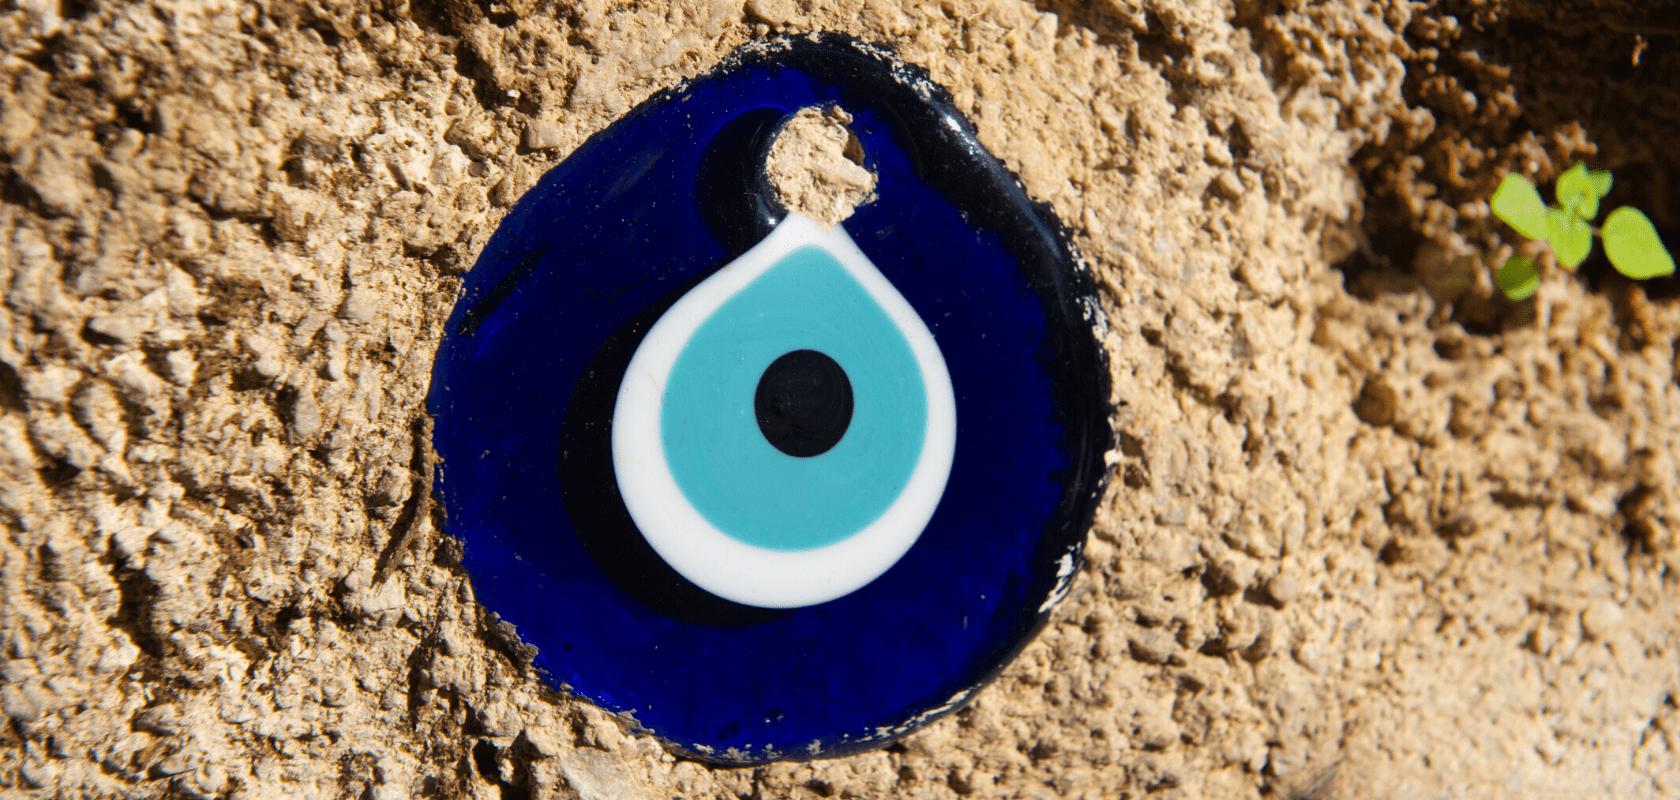 bijou bleu oeil turc mauvais oeil protection article de blog